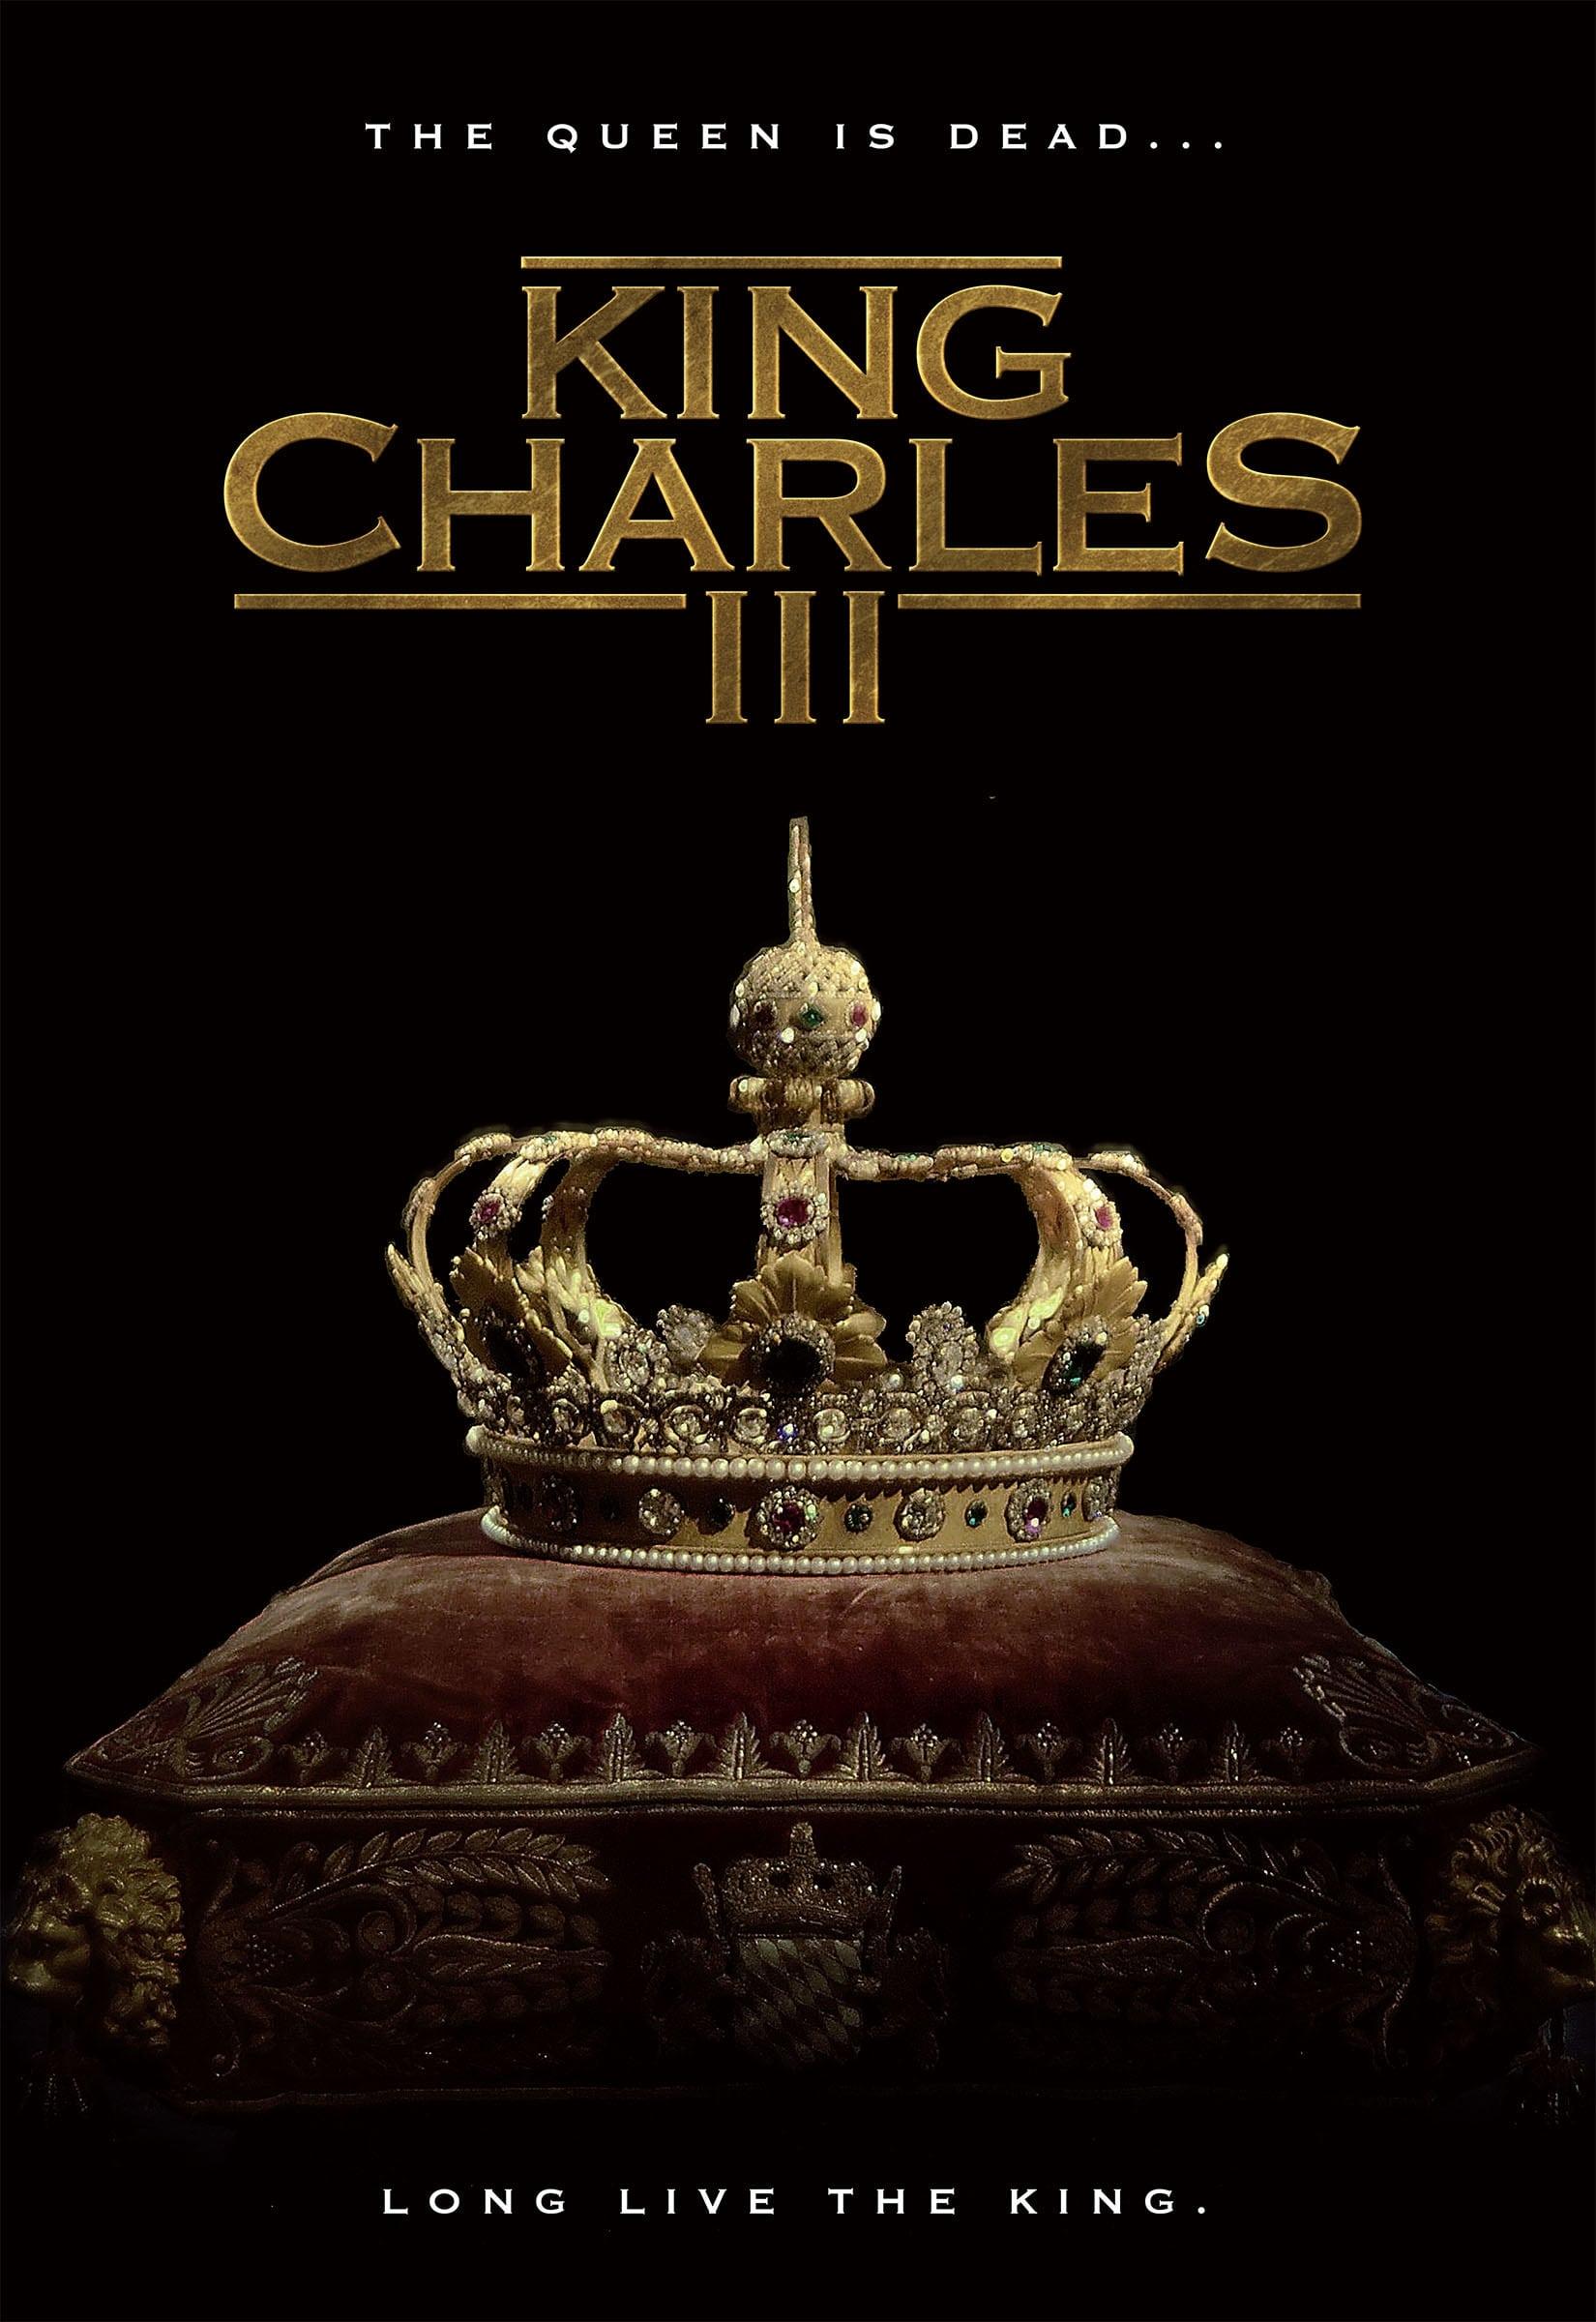 King Charles III 123movies